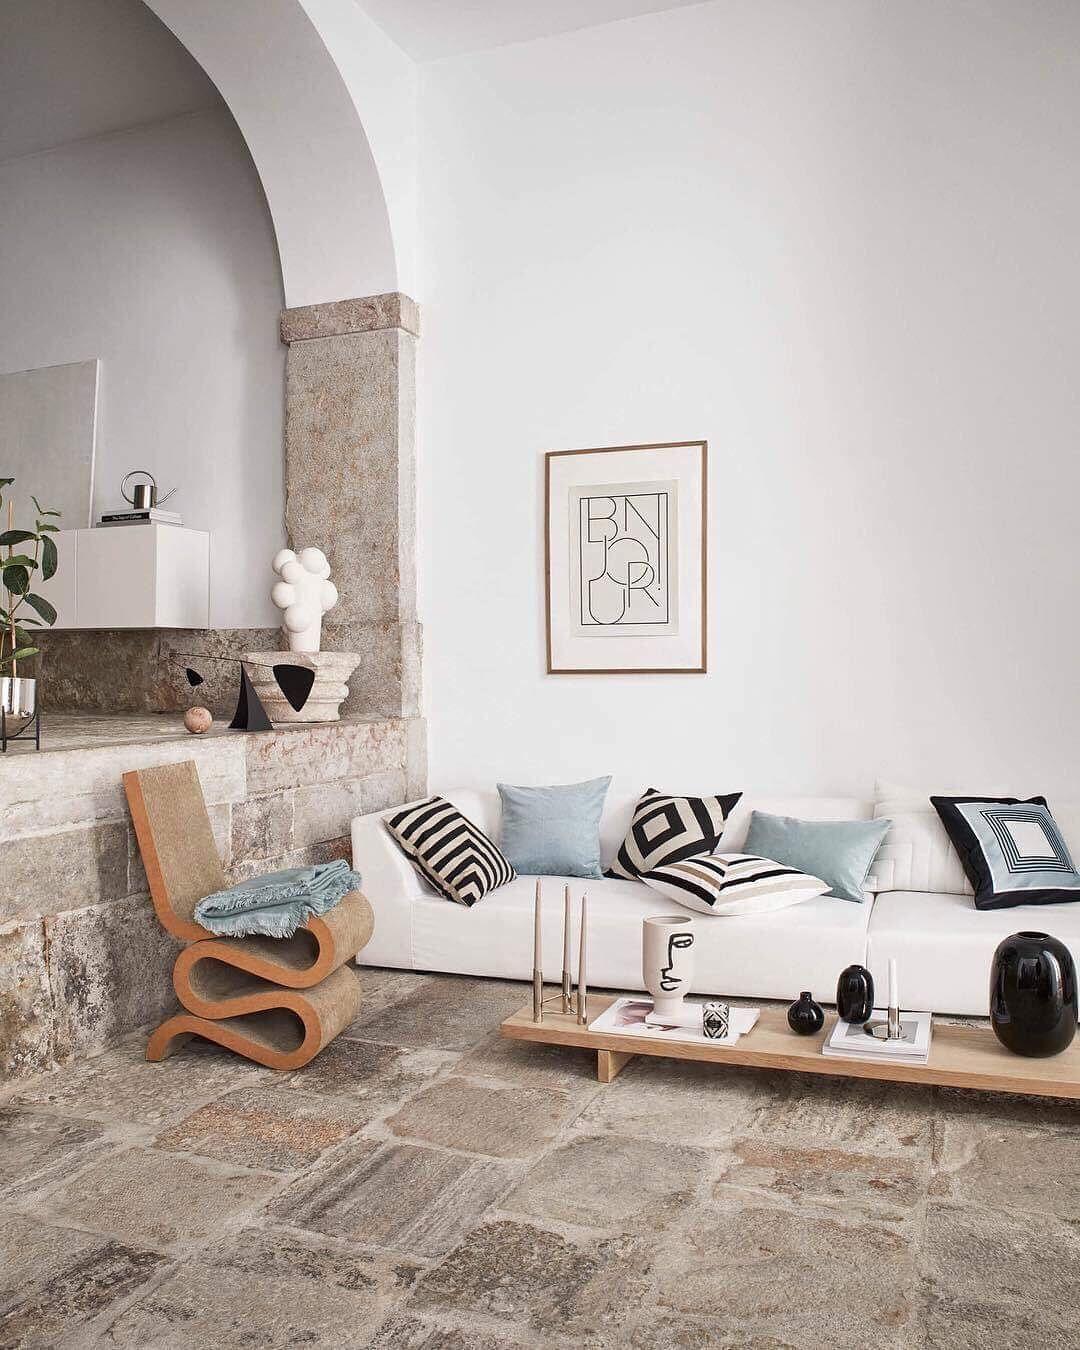 On débute le week end dans ce magnifique salon 😍 coup de coeur pour cette table très basse le sol en pierre et les petits objets déco